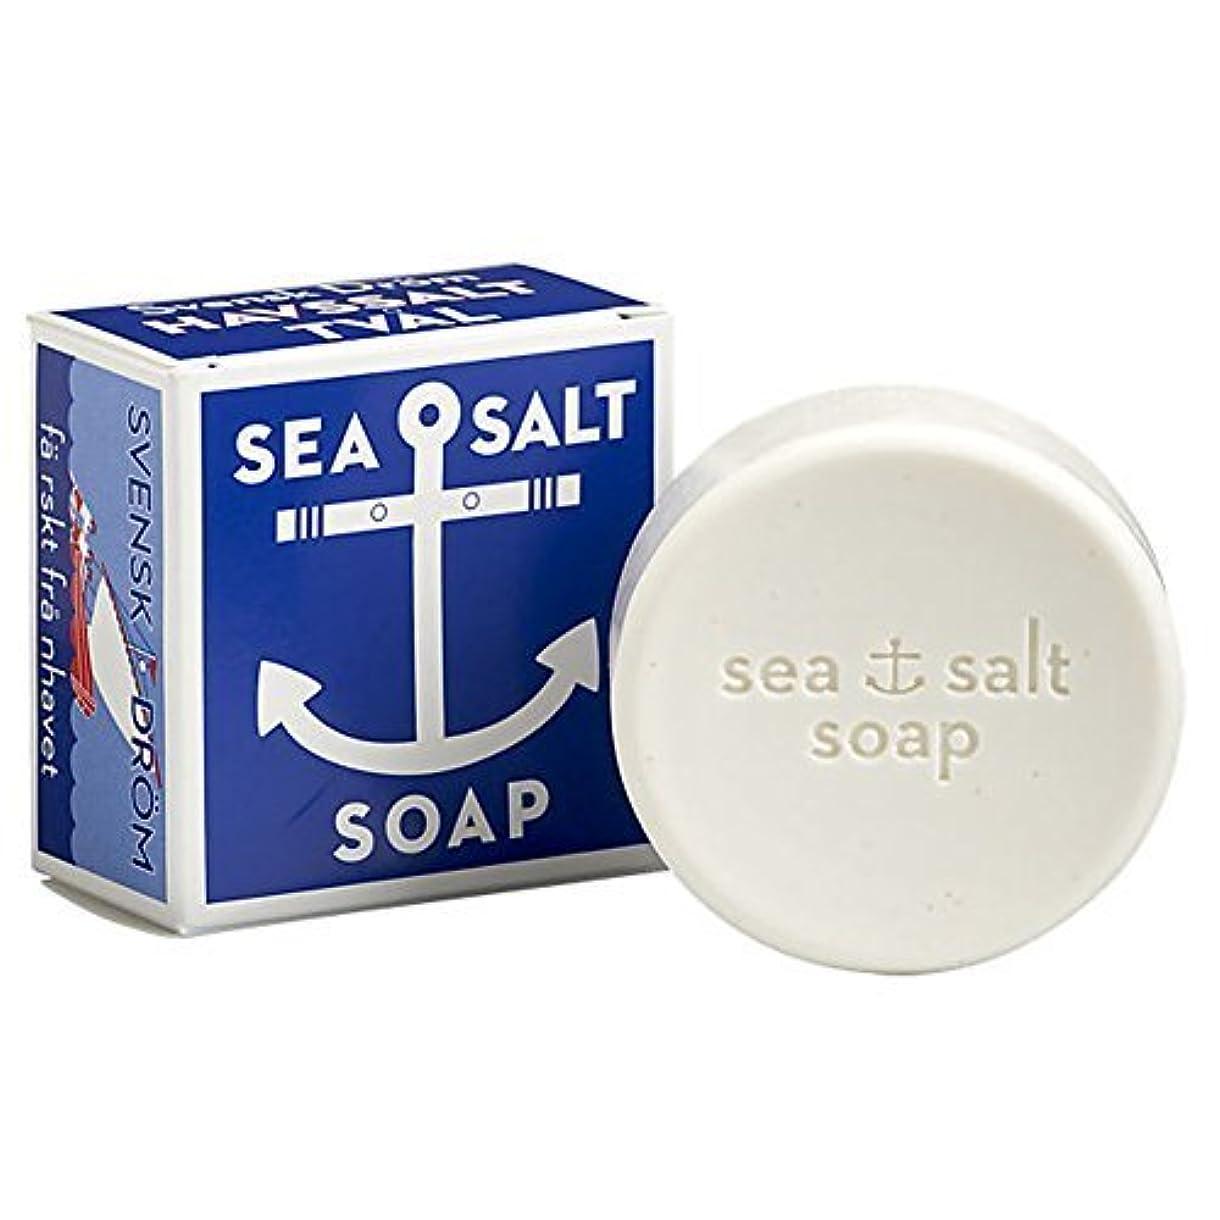 コメンテーターコメンテータートランジスタSwedish Dream Sea Salt Invigorating Bath Soap - One 4.3 oz Bar by Swedish Dream [並行輸入品]